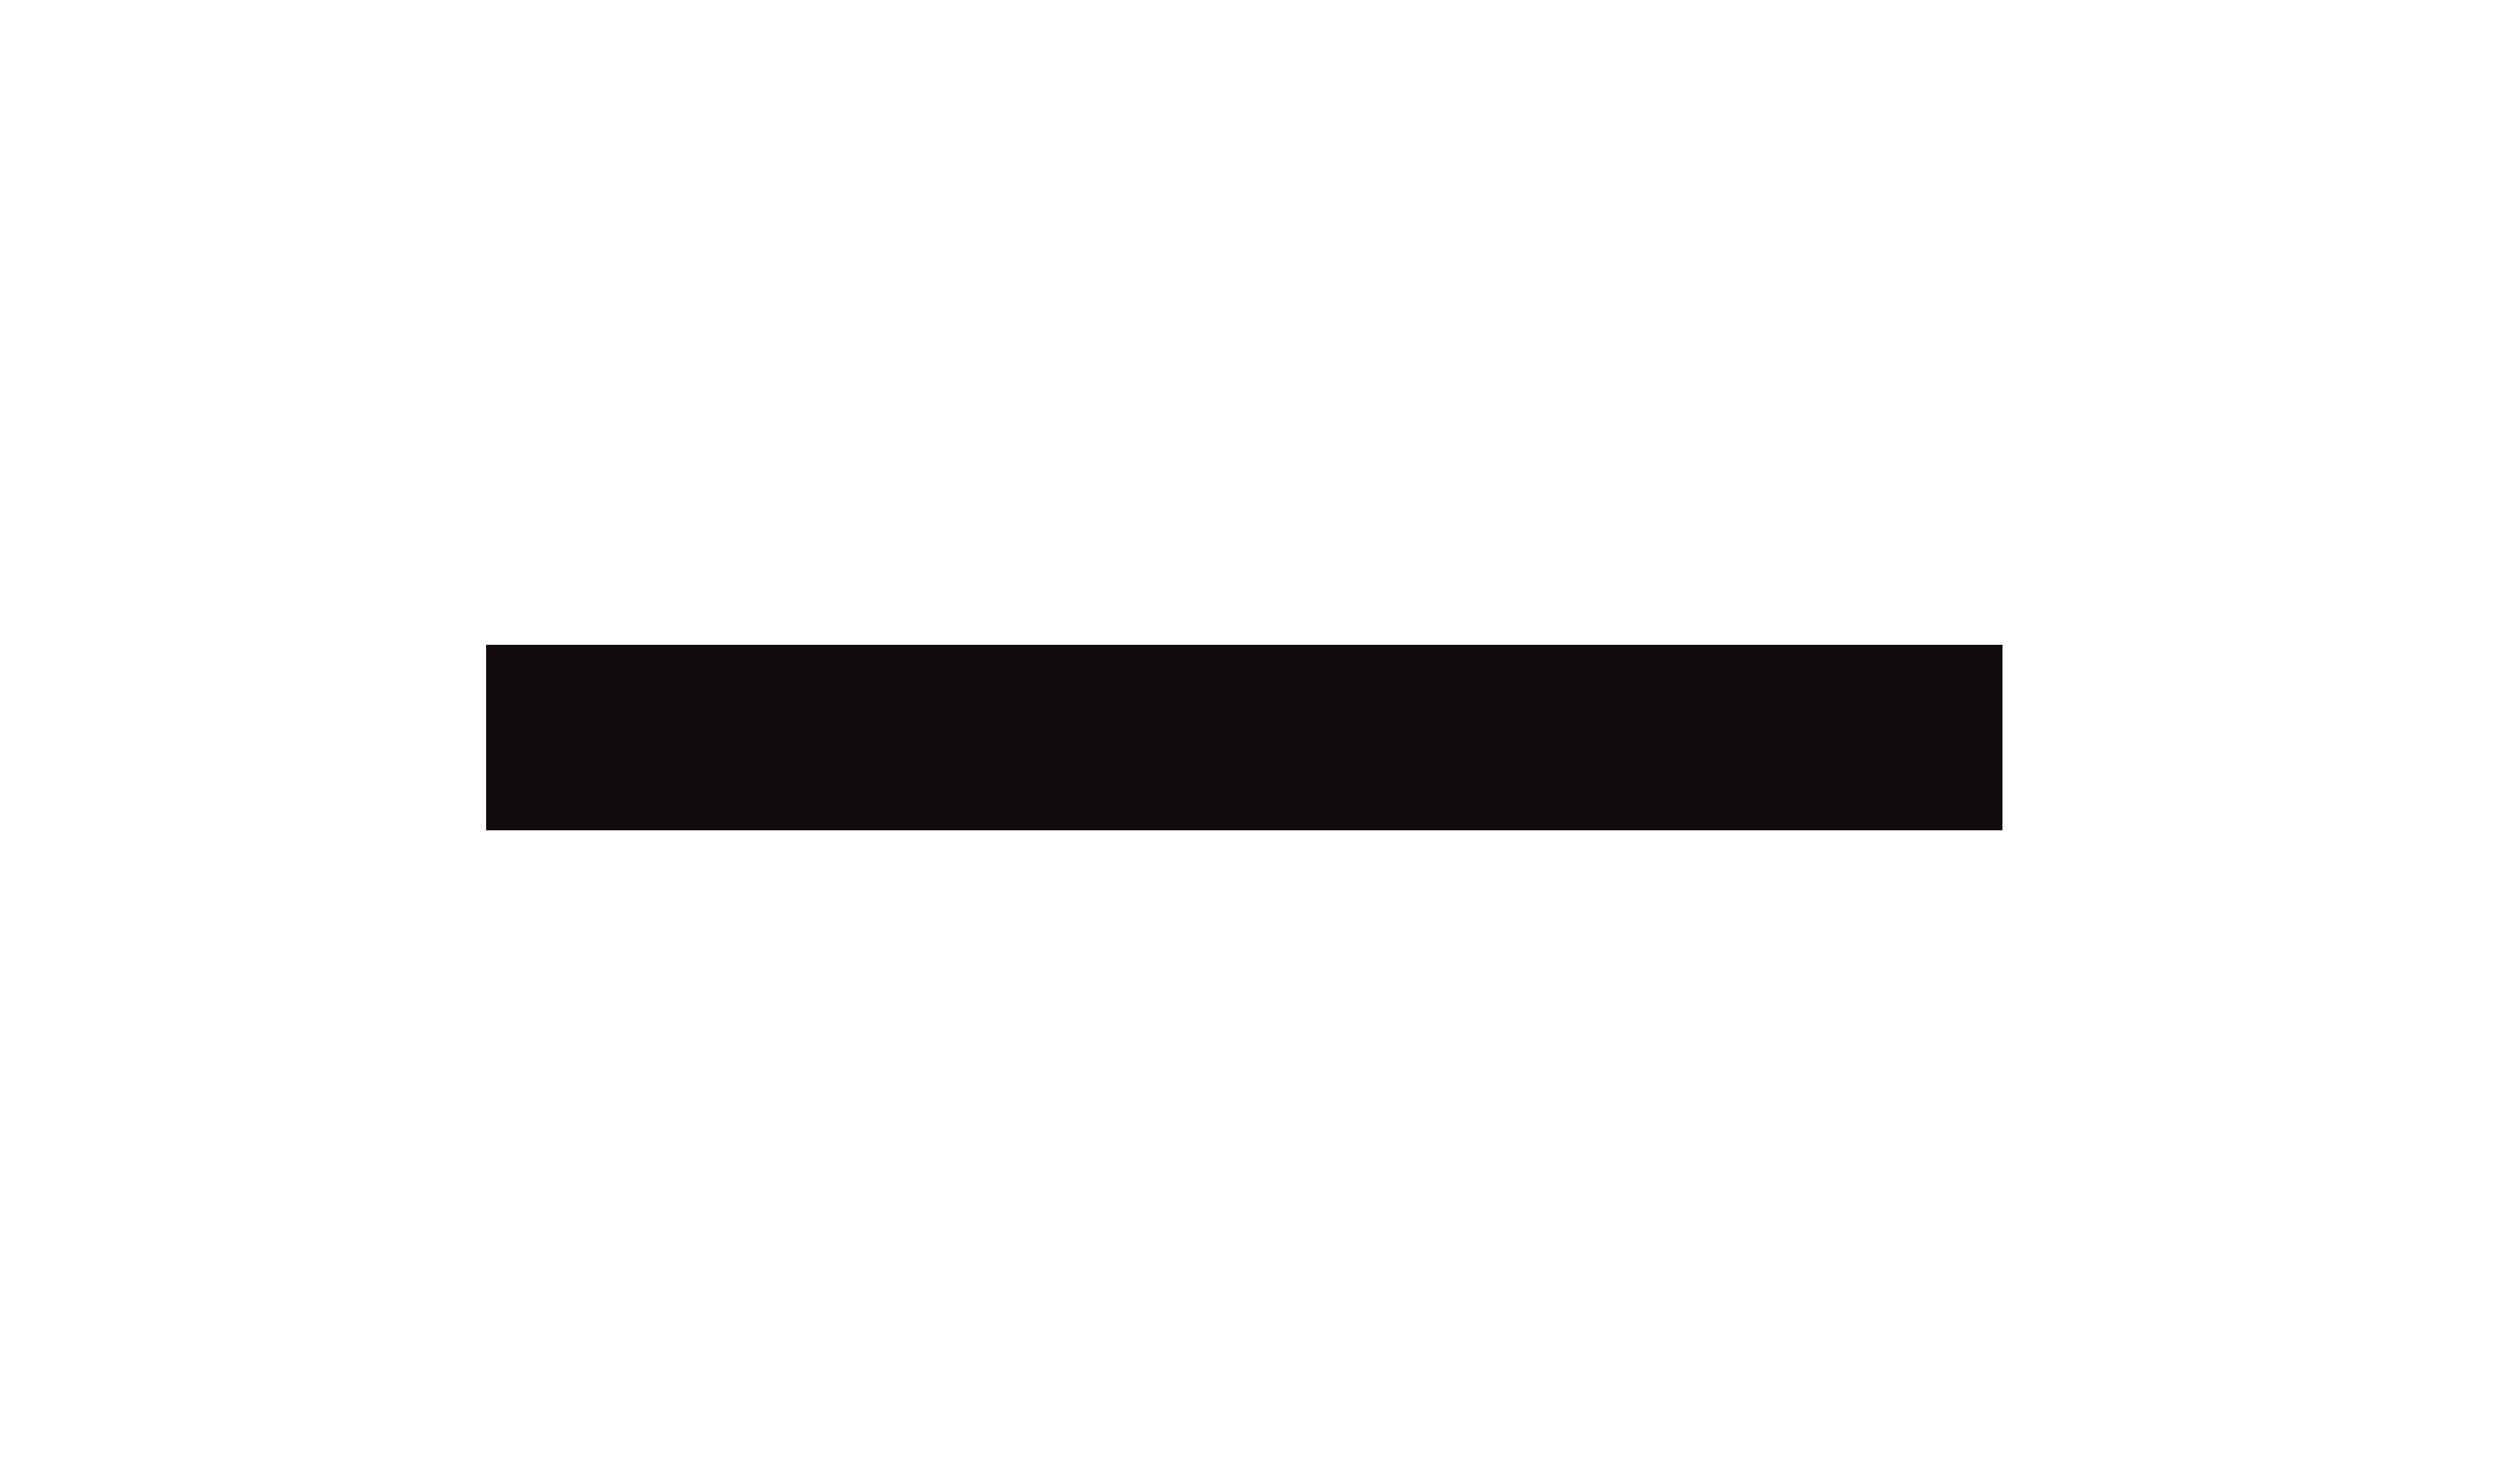 Mull2media logo 3.0 fc 04 vergroot j